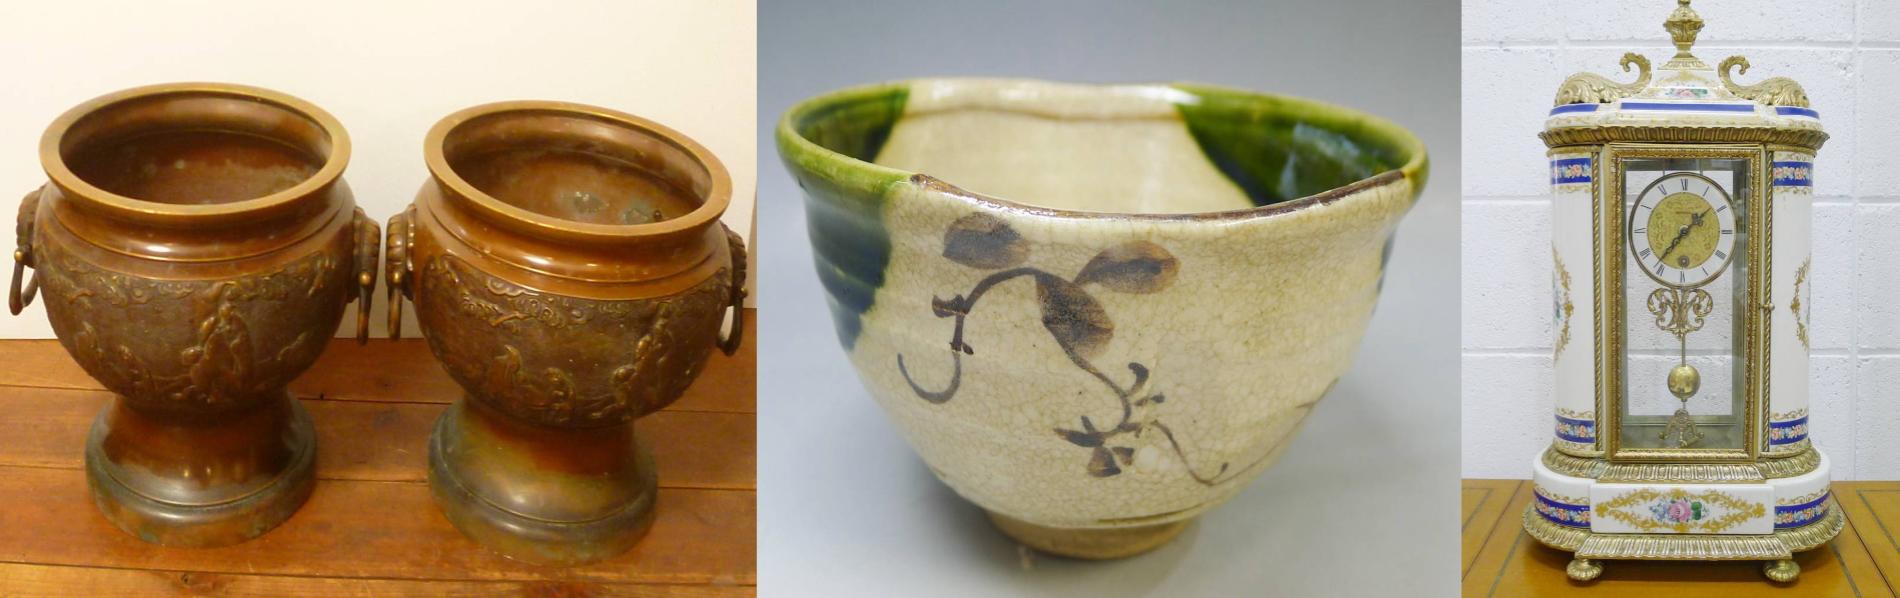 火鉢、織部茶碗、置時計